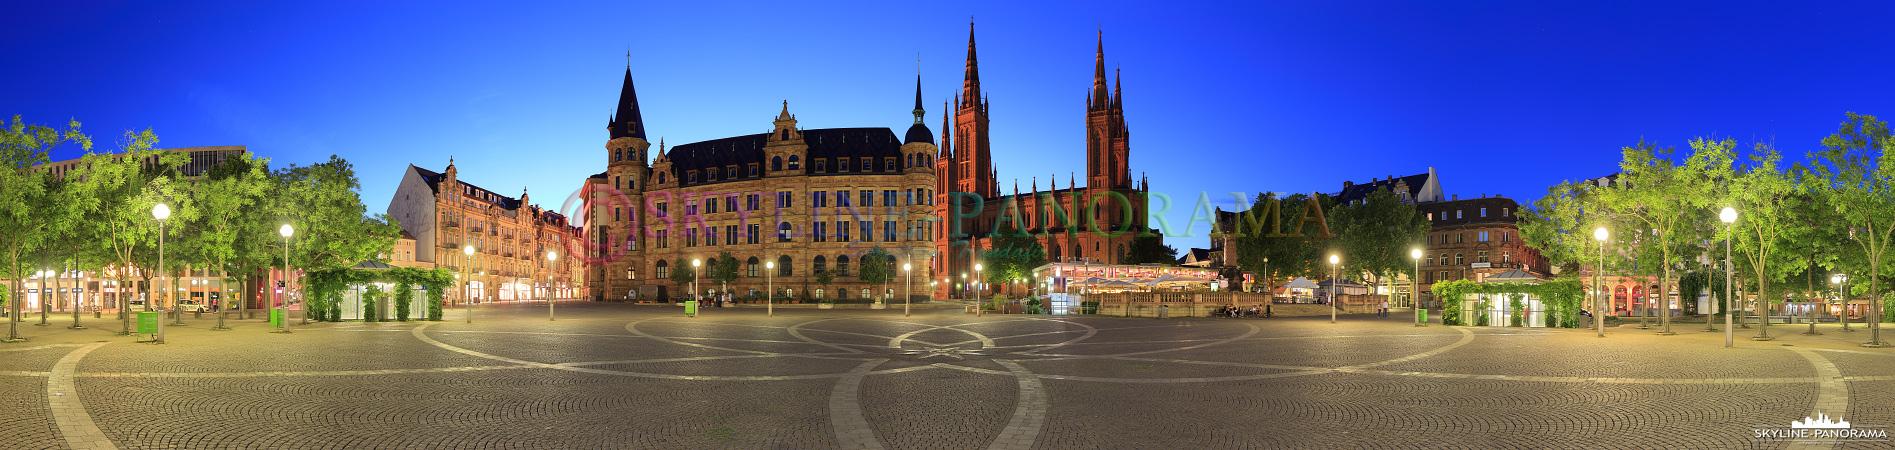 Panorama Wiesbaden - Der in der Innenstadt von Wiesbaden gelegene Marktplatz als Panoramaansicht am Abend.